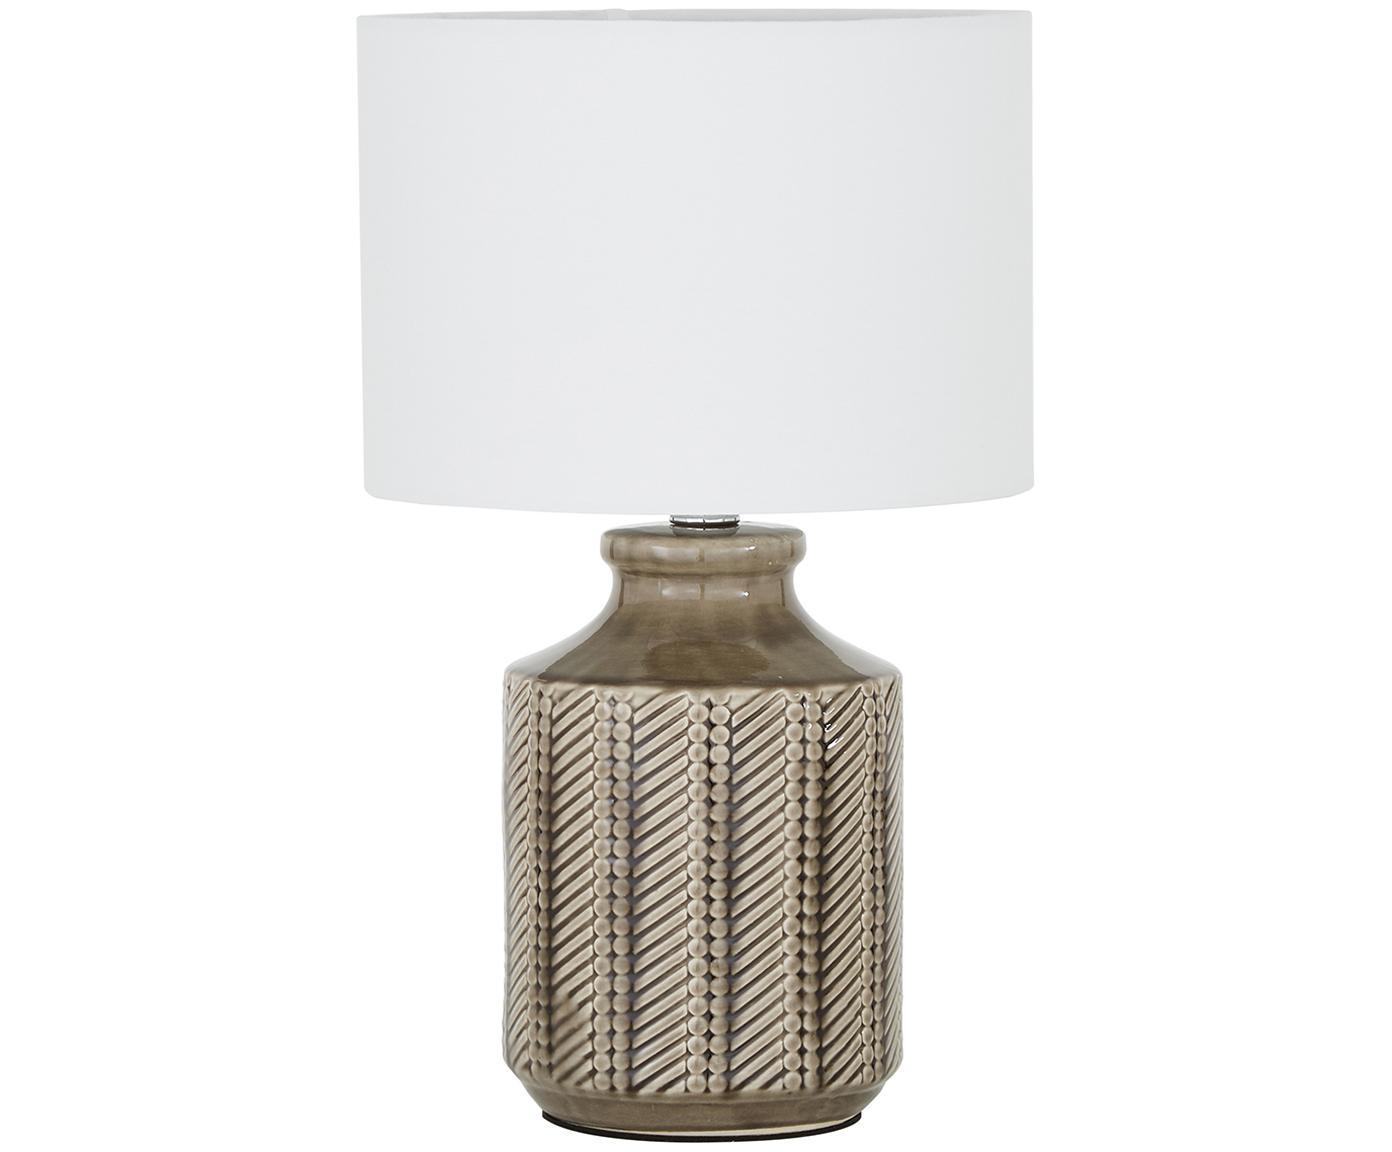 Lampa stołowa z ceramiki Nia, Klosz: biały Podstawa lampy: brązowy, nikiel, Ø 26 x W 43 cm